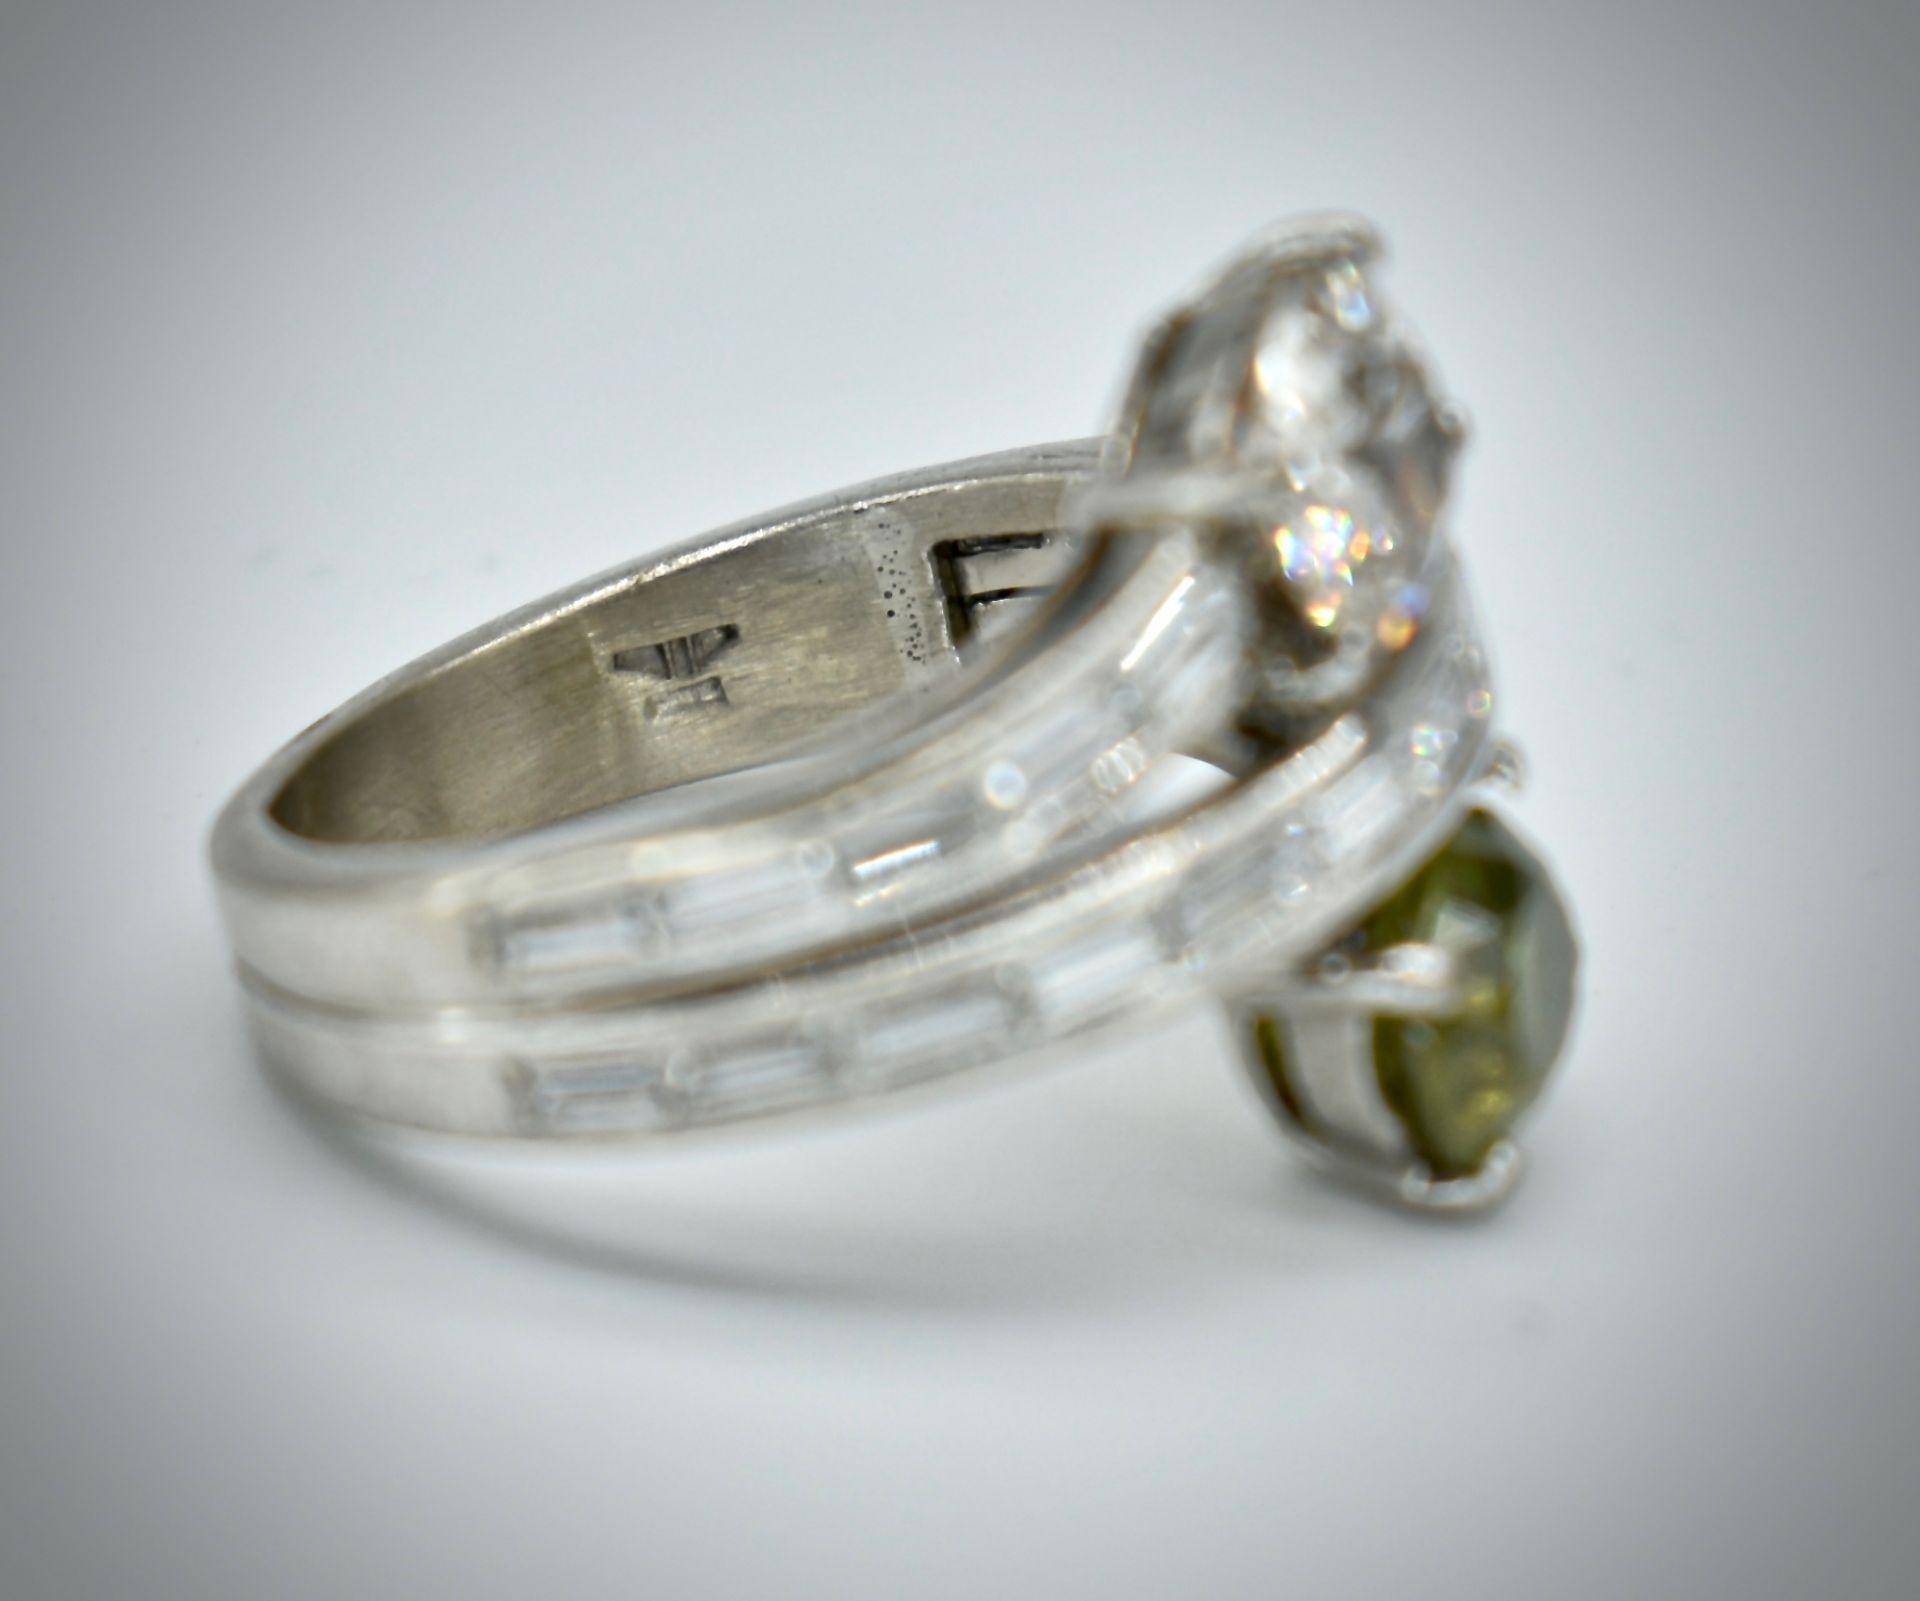 18ct Gold Diamond & Demantoid Garnet Moi Et Toi Ring - Image 2 of 4